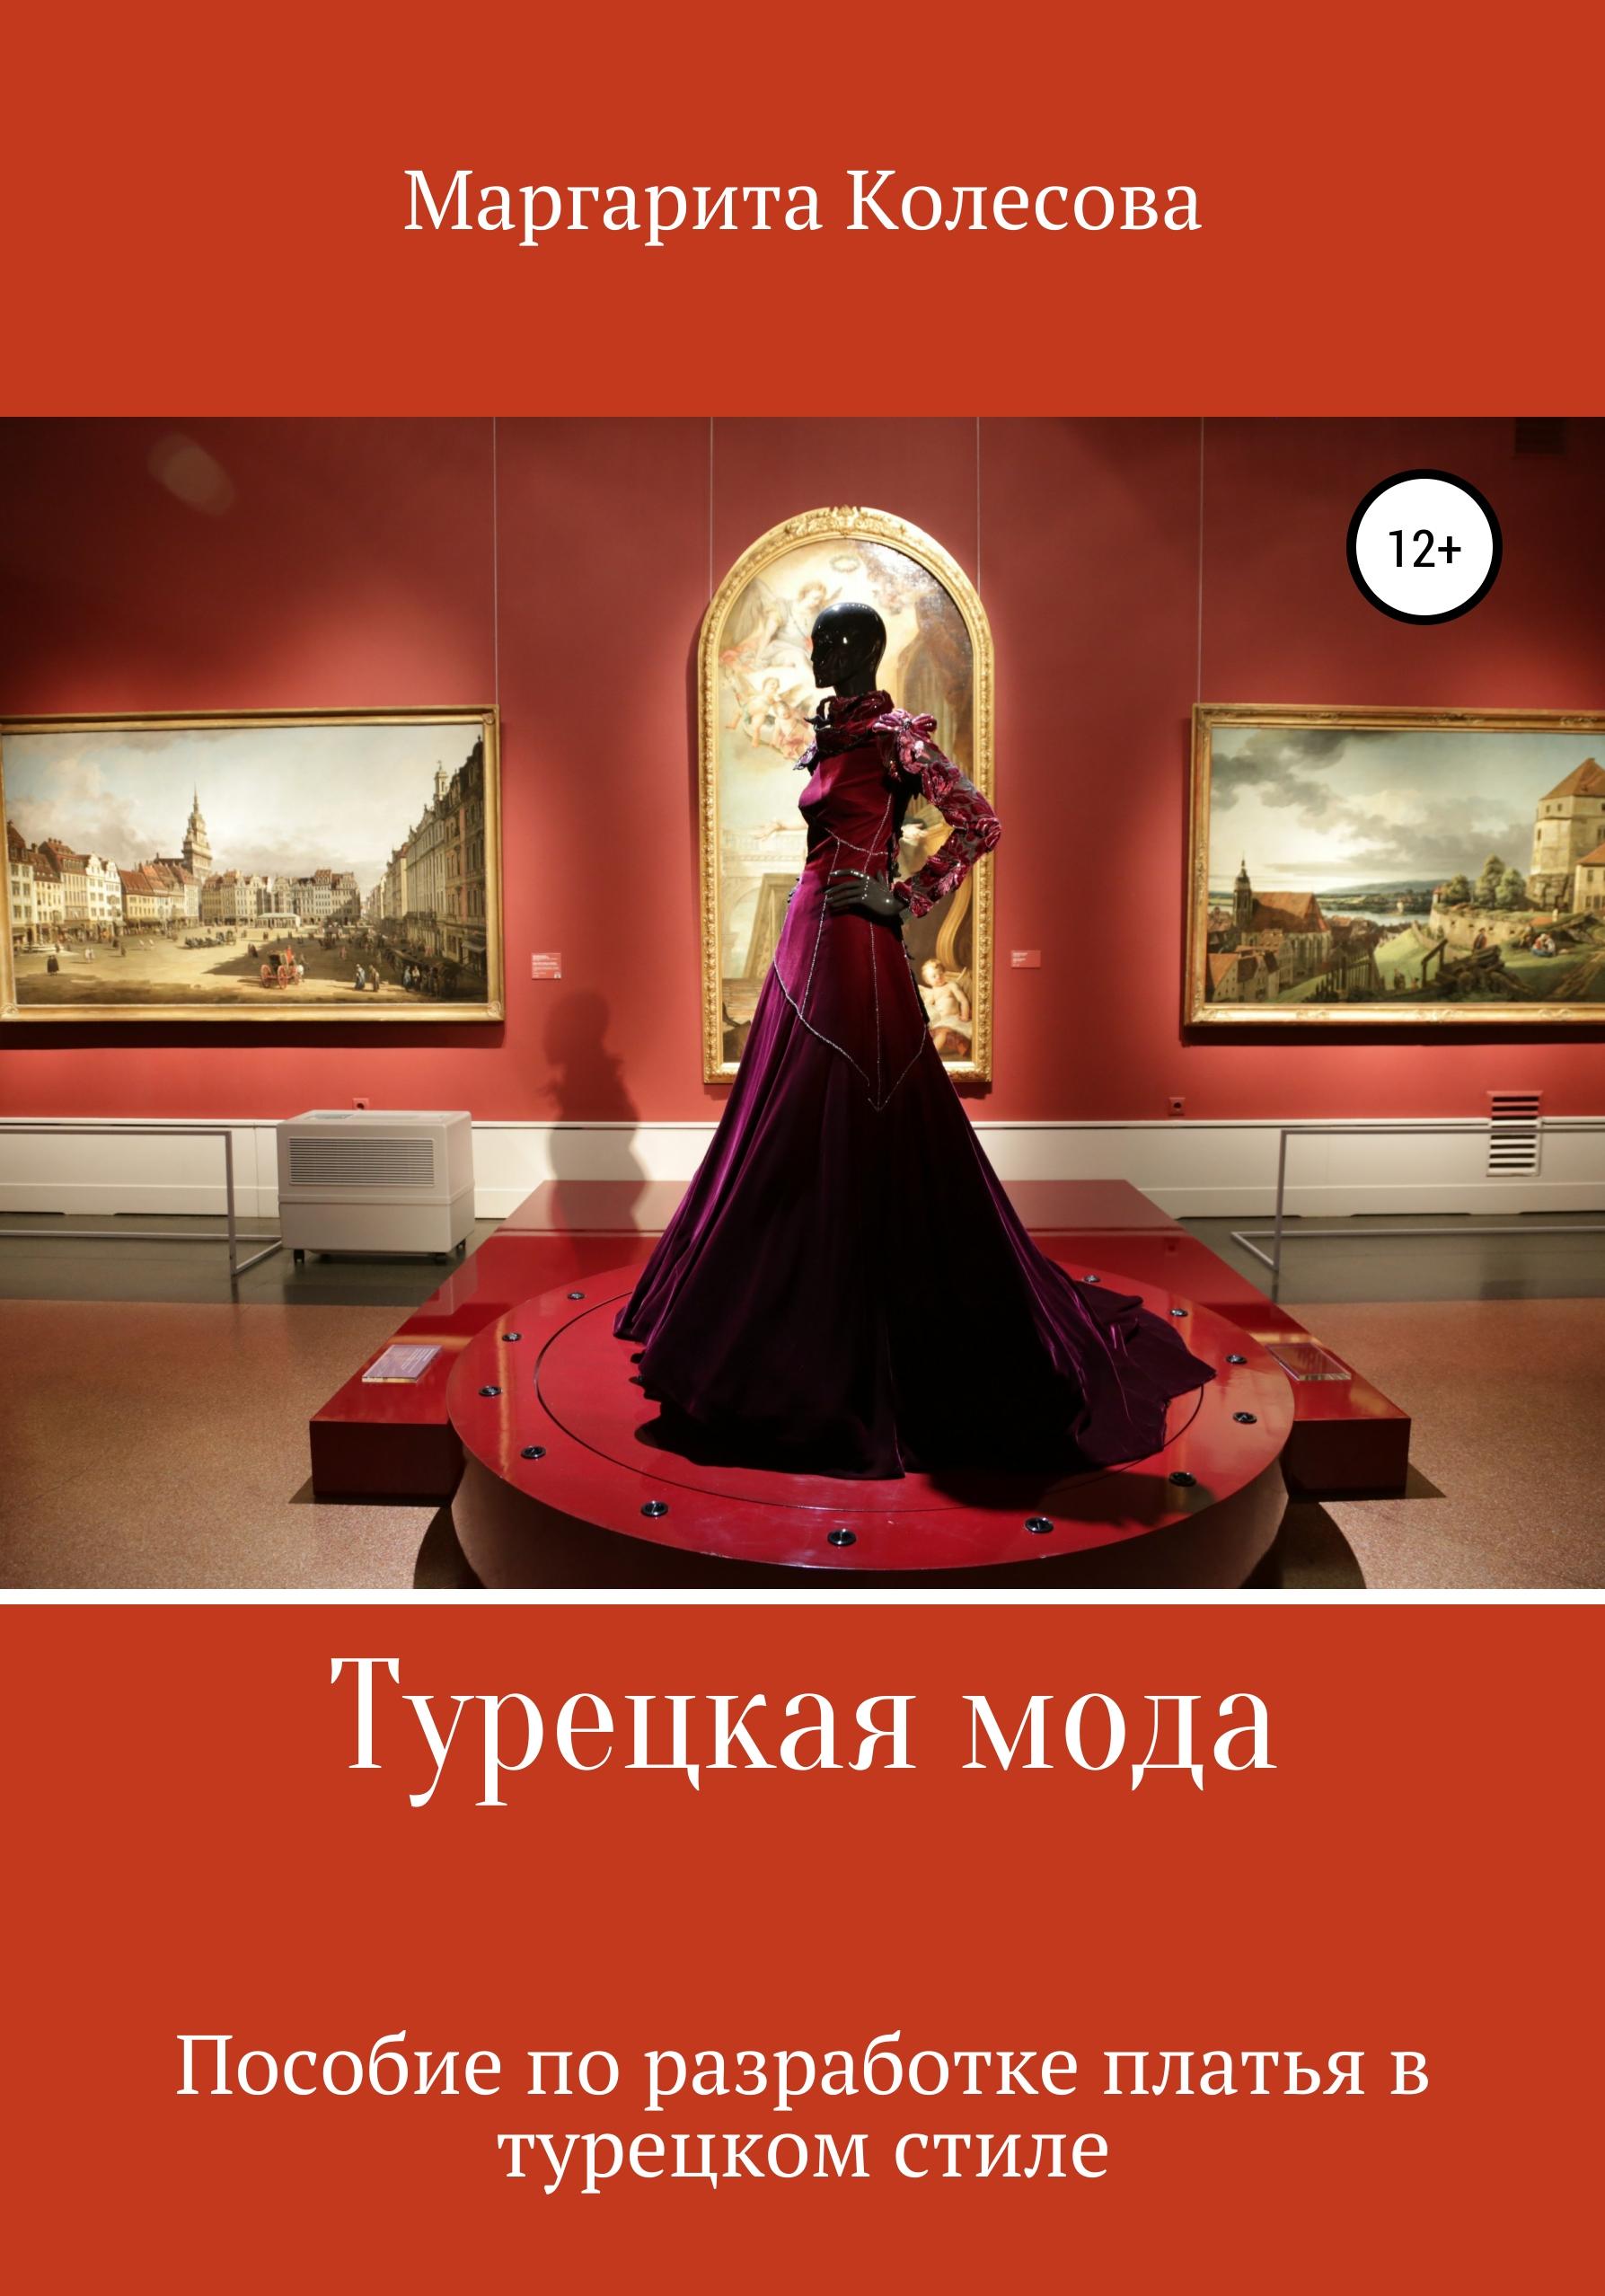 Маргарита Николаевна Колесова Турецкая мода. Пособие по разработке платья в турецком стиле